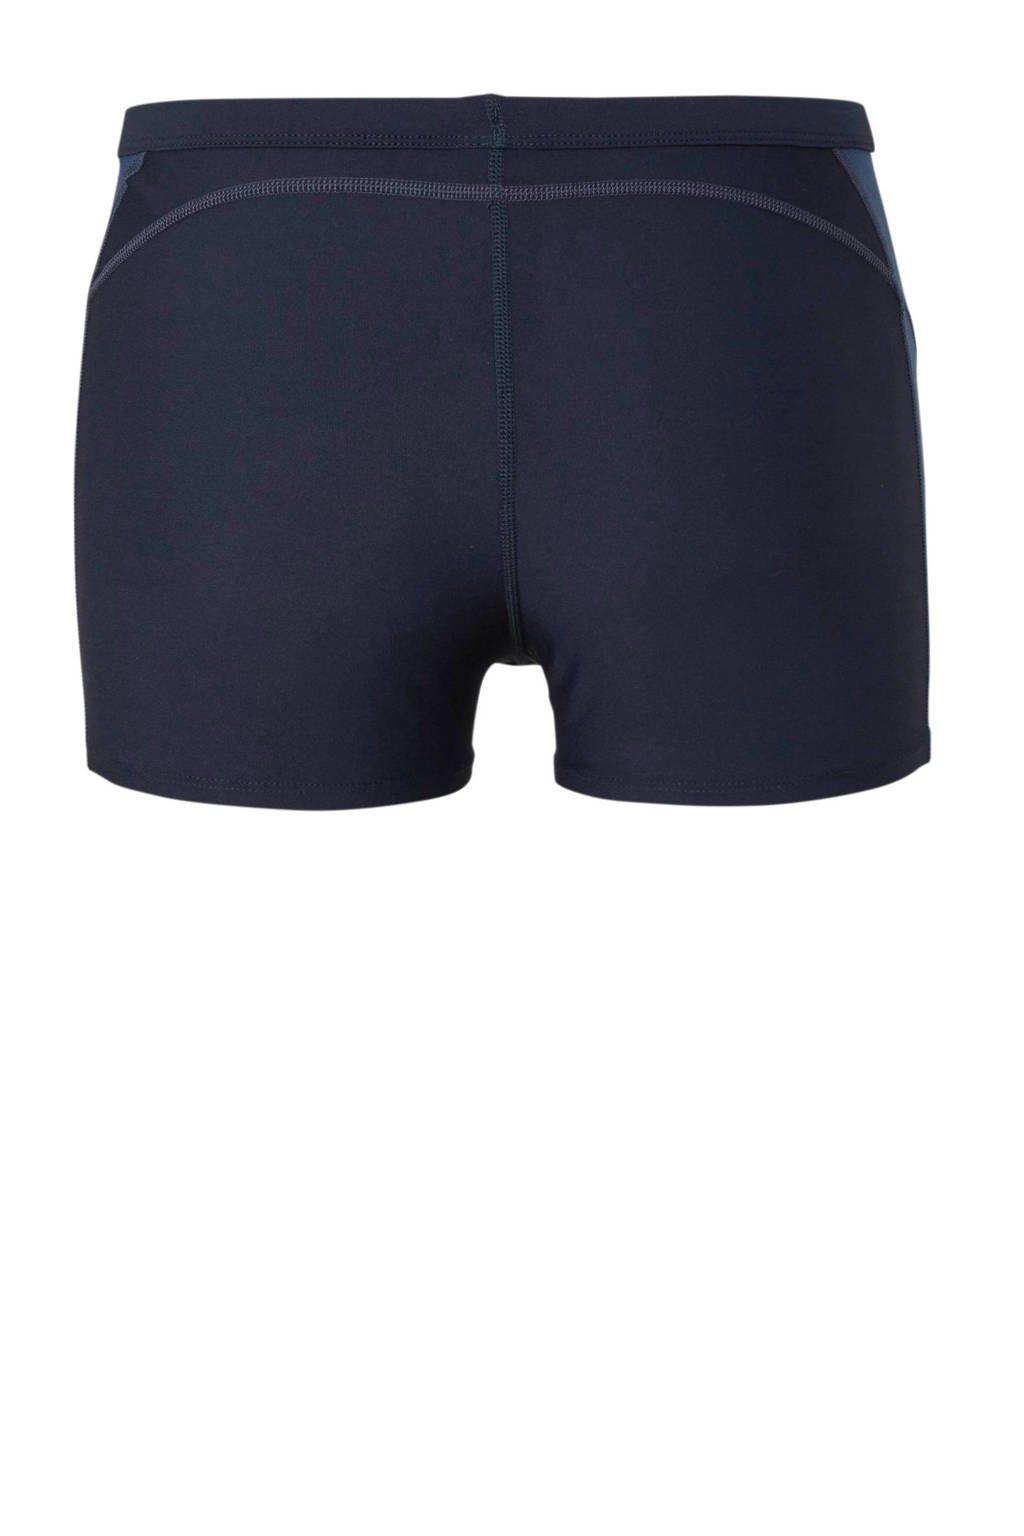 Nike zwemboxer marine, Marine/blauw